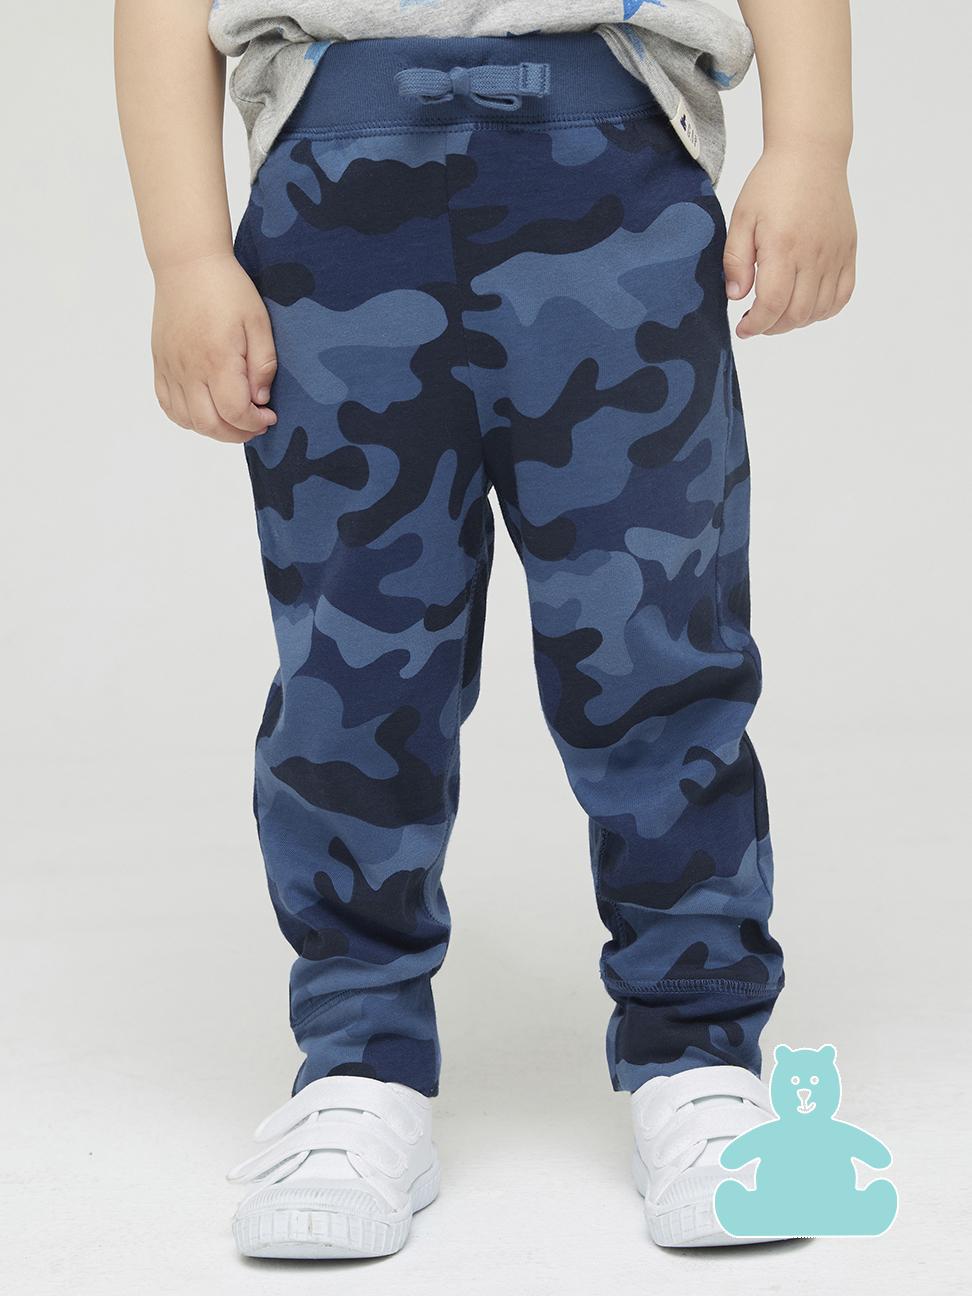 幼童 布萊納系列 迷彩時尚休閒運動休閒褲